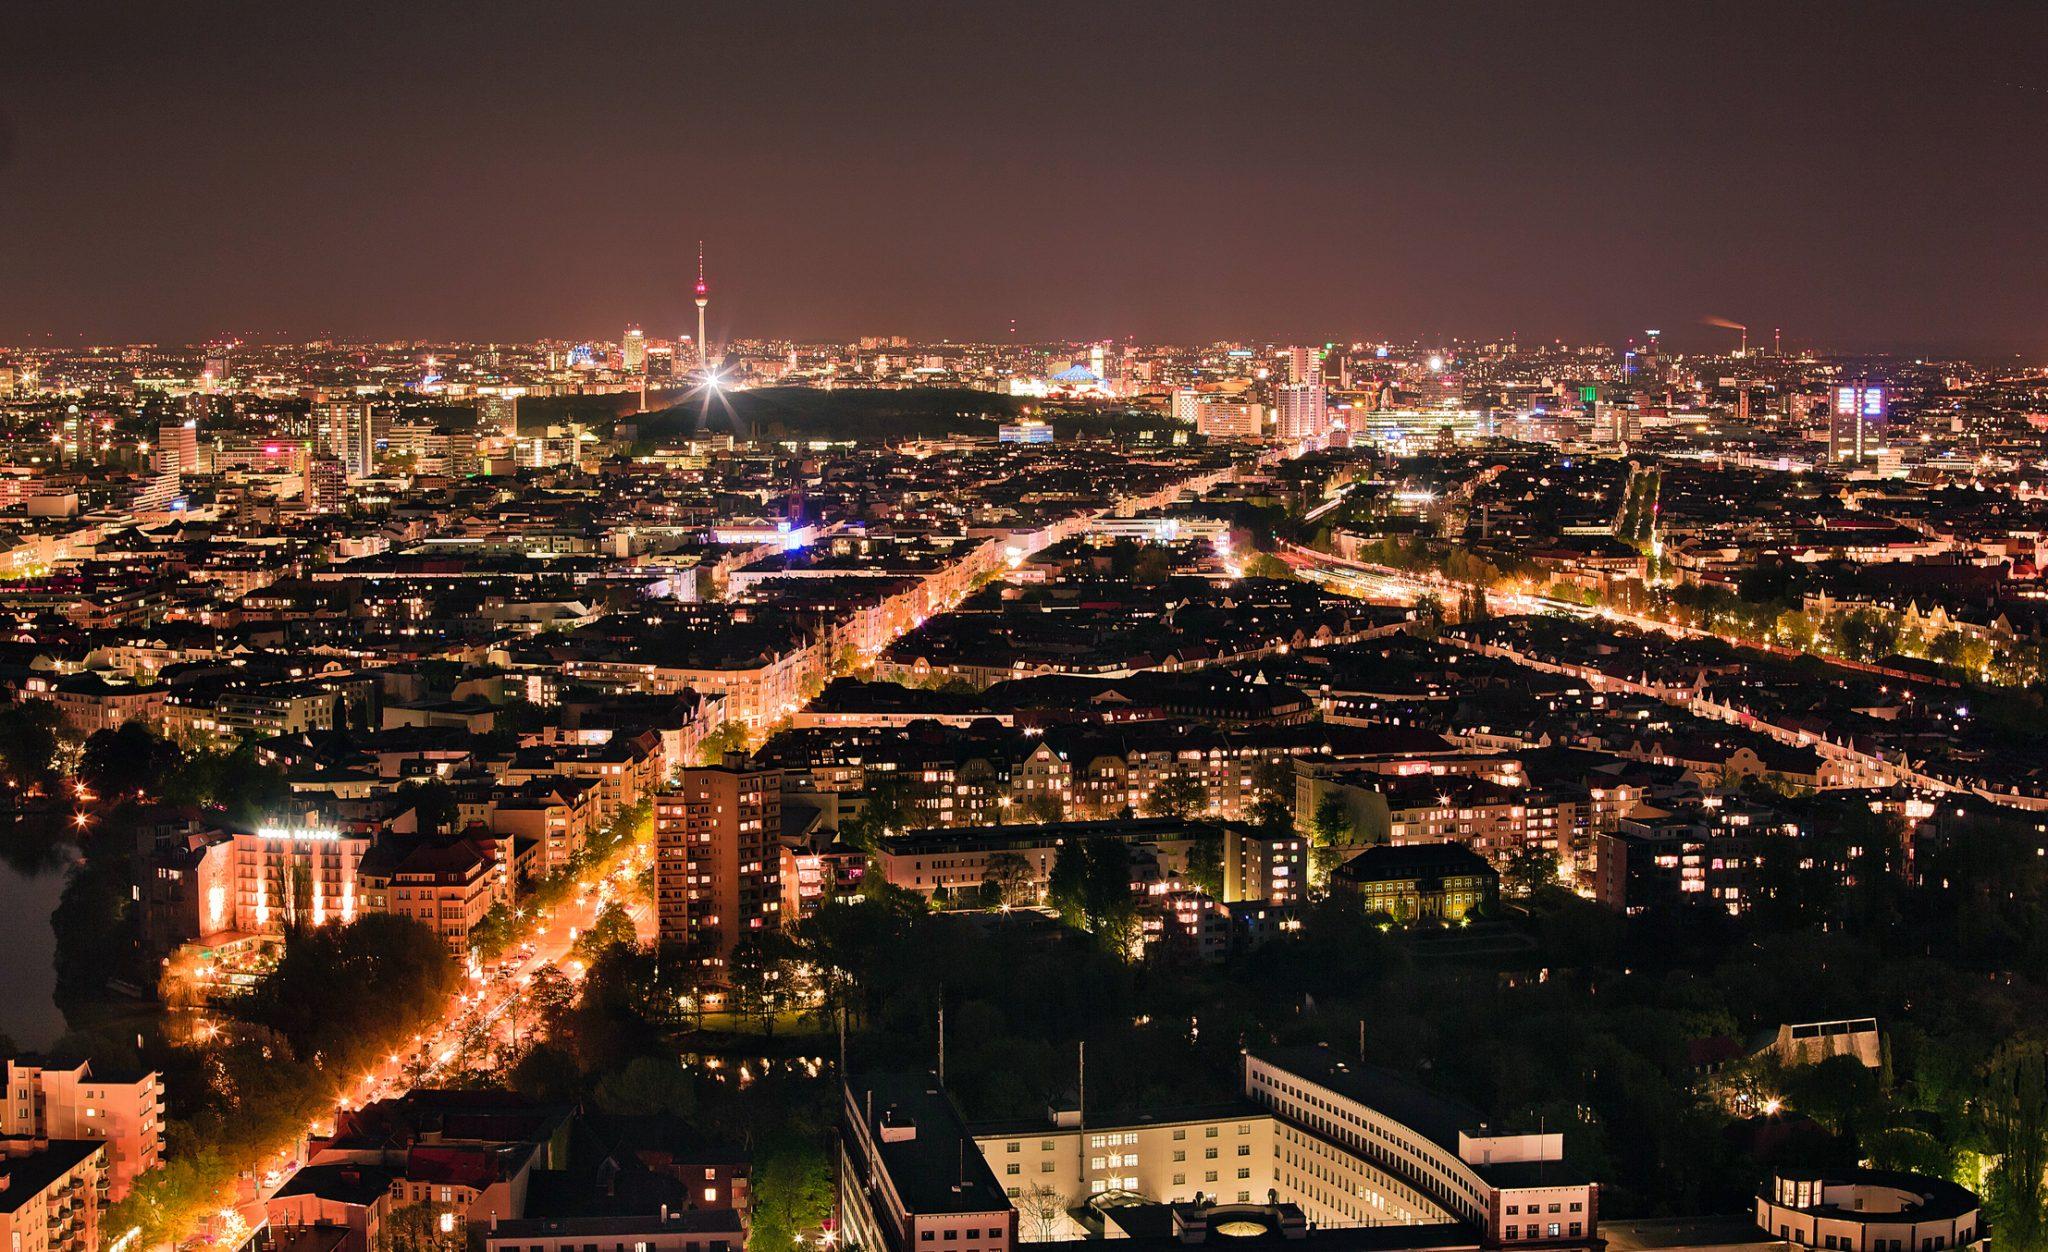 Berliner bei Nacht, kein Stern am Himmel - Lichtverschmutzung par excellence. © iStock/getty images